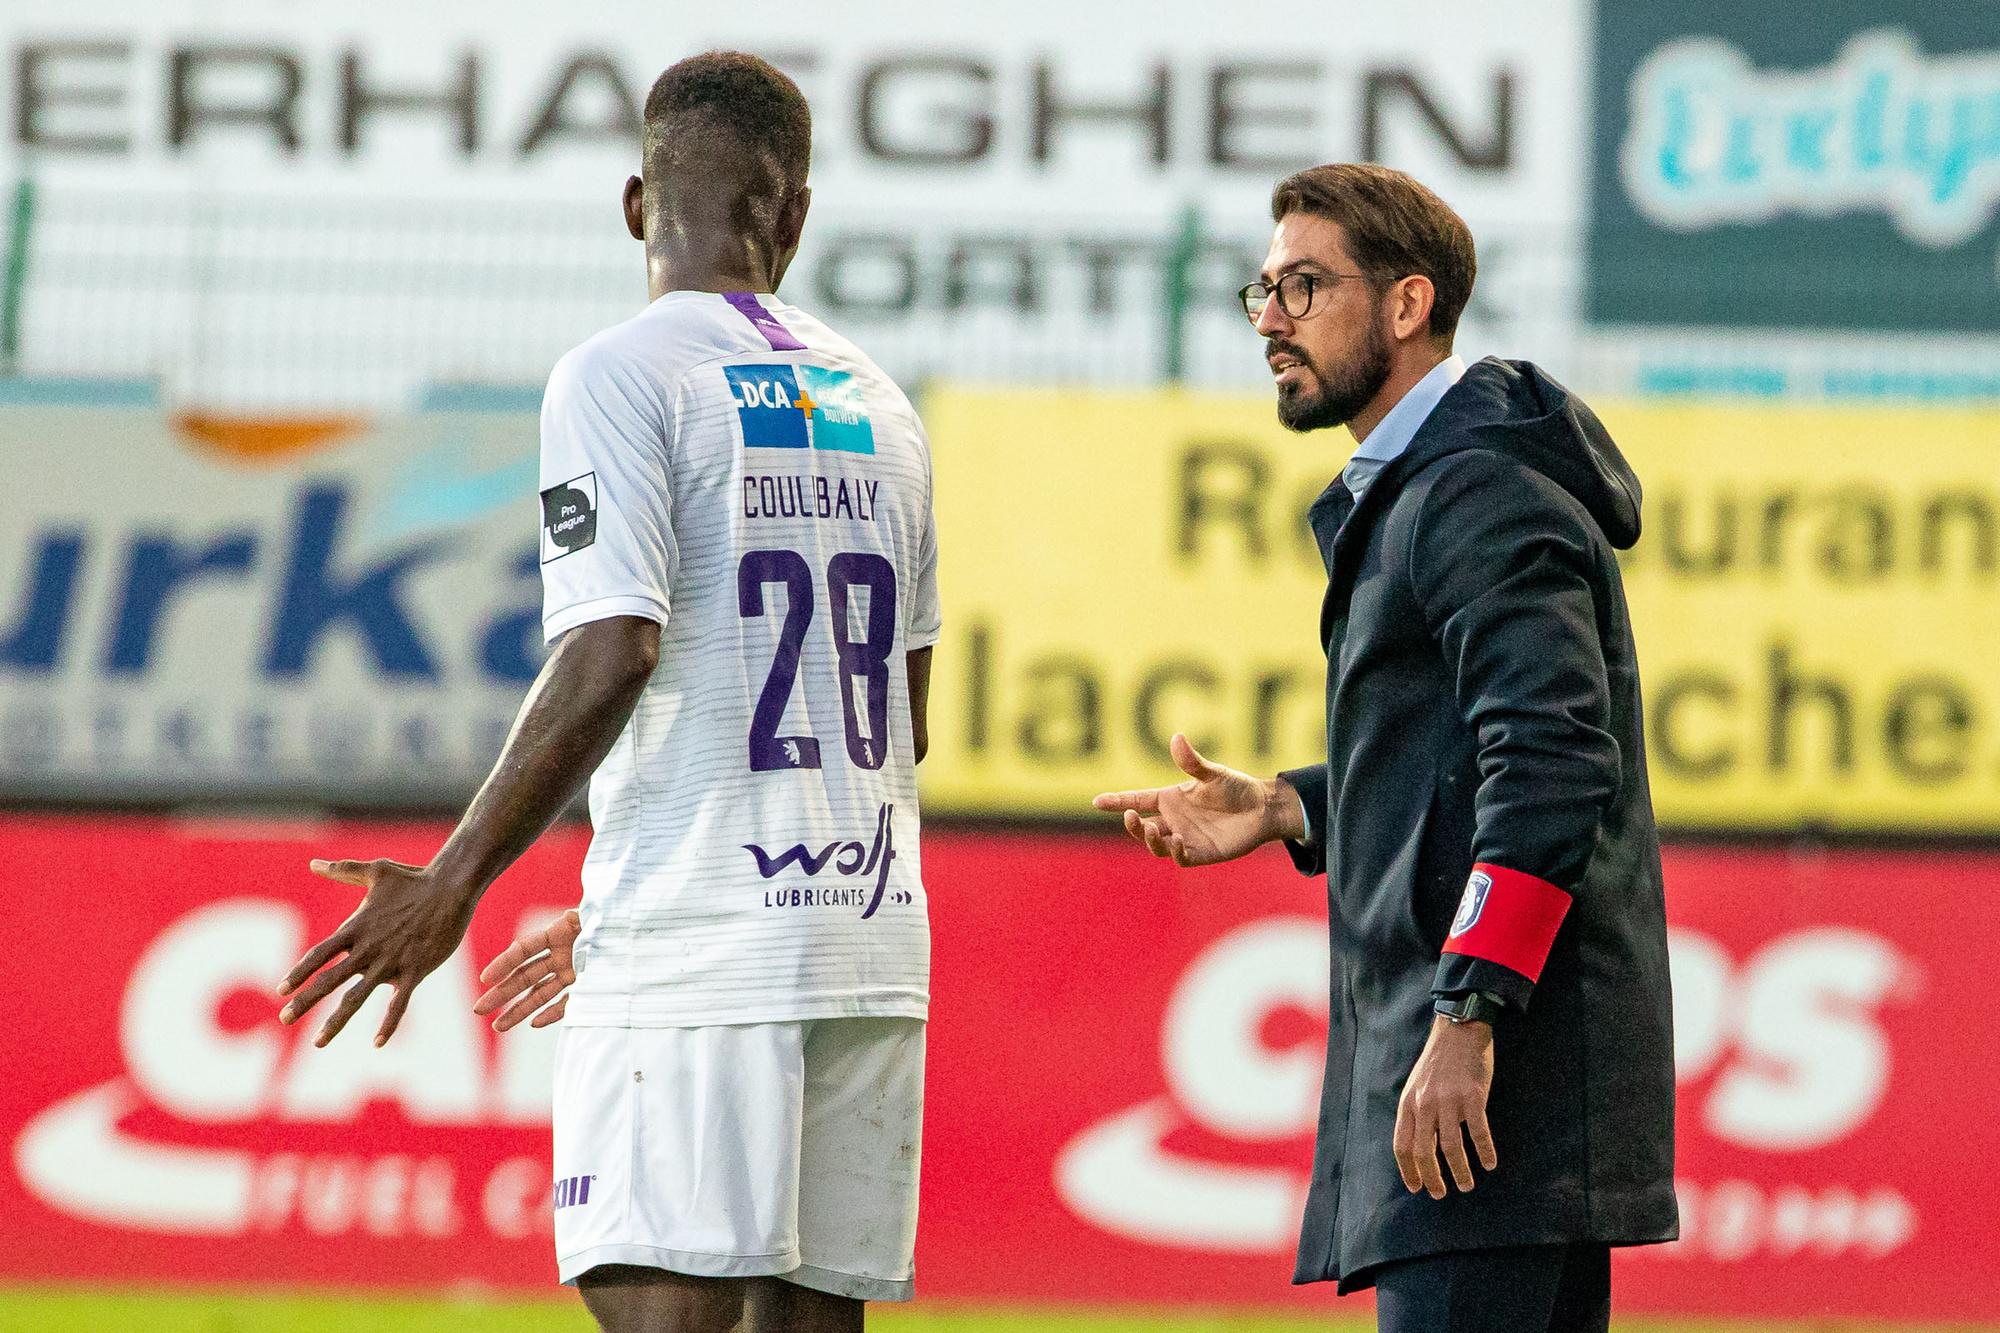 Hernán Losada: 'Ik zou het van mezelf misdadig gevonden hebben om Coulibaly uit de ploeg te laten.', Belga Image